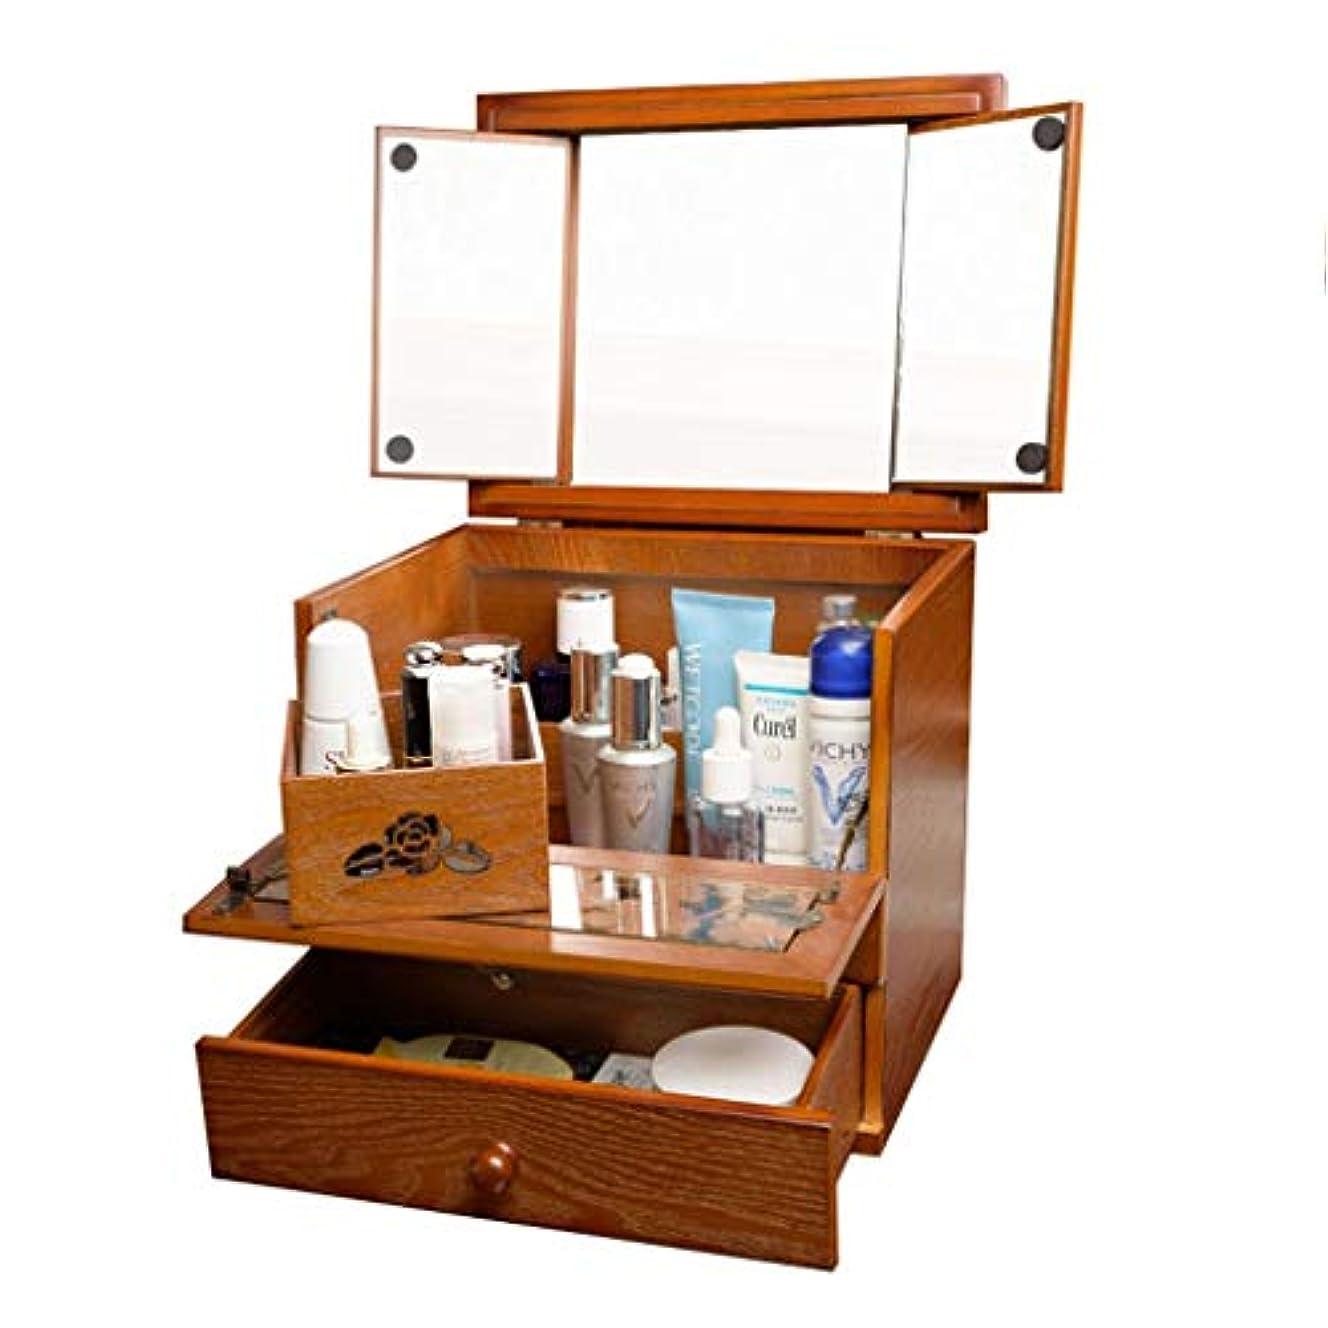 セットするスロー分解する家庭用化粧品収納ボックス木製大容量化粧品ボックス小さな化粧台ミラー付き (Color : BROWN, Size : 27.5X22.5X32.5CM)